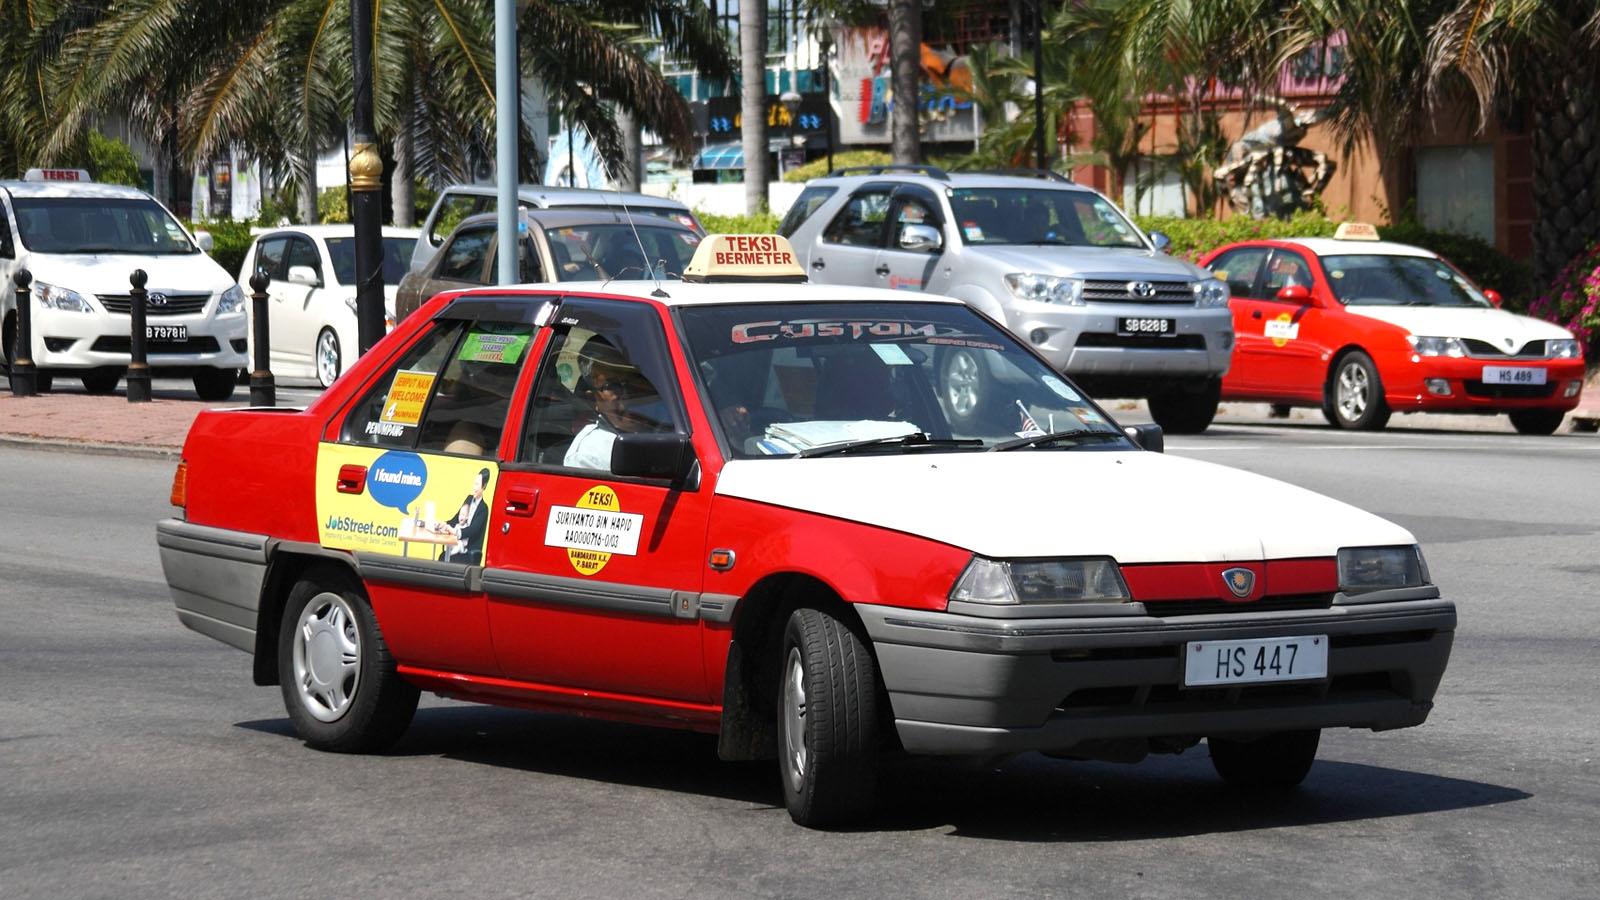 Taxi in Kota Kinabalu